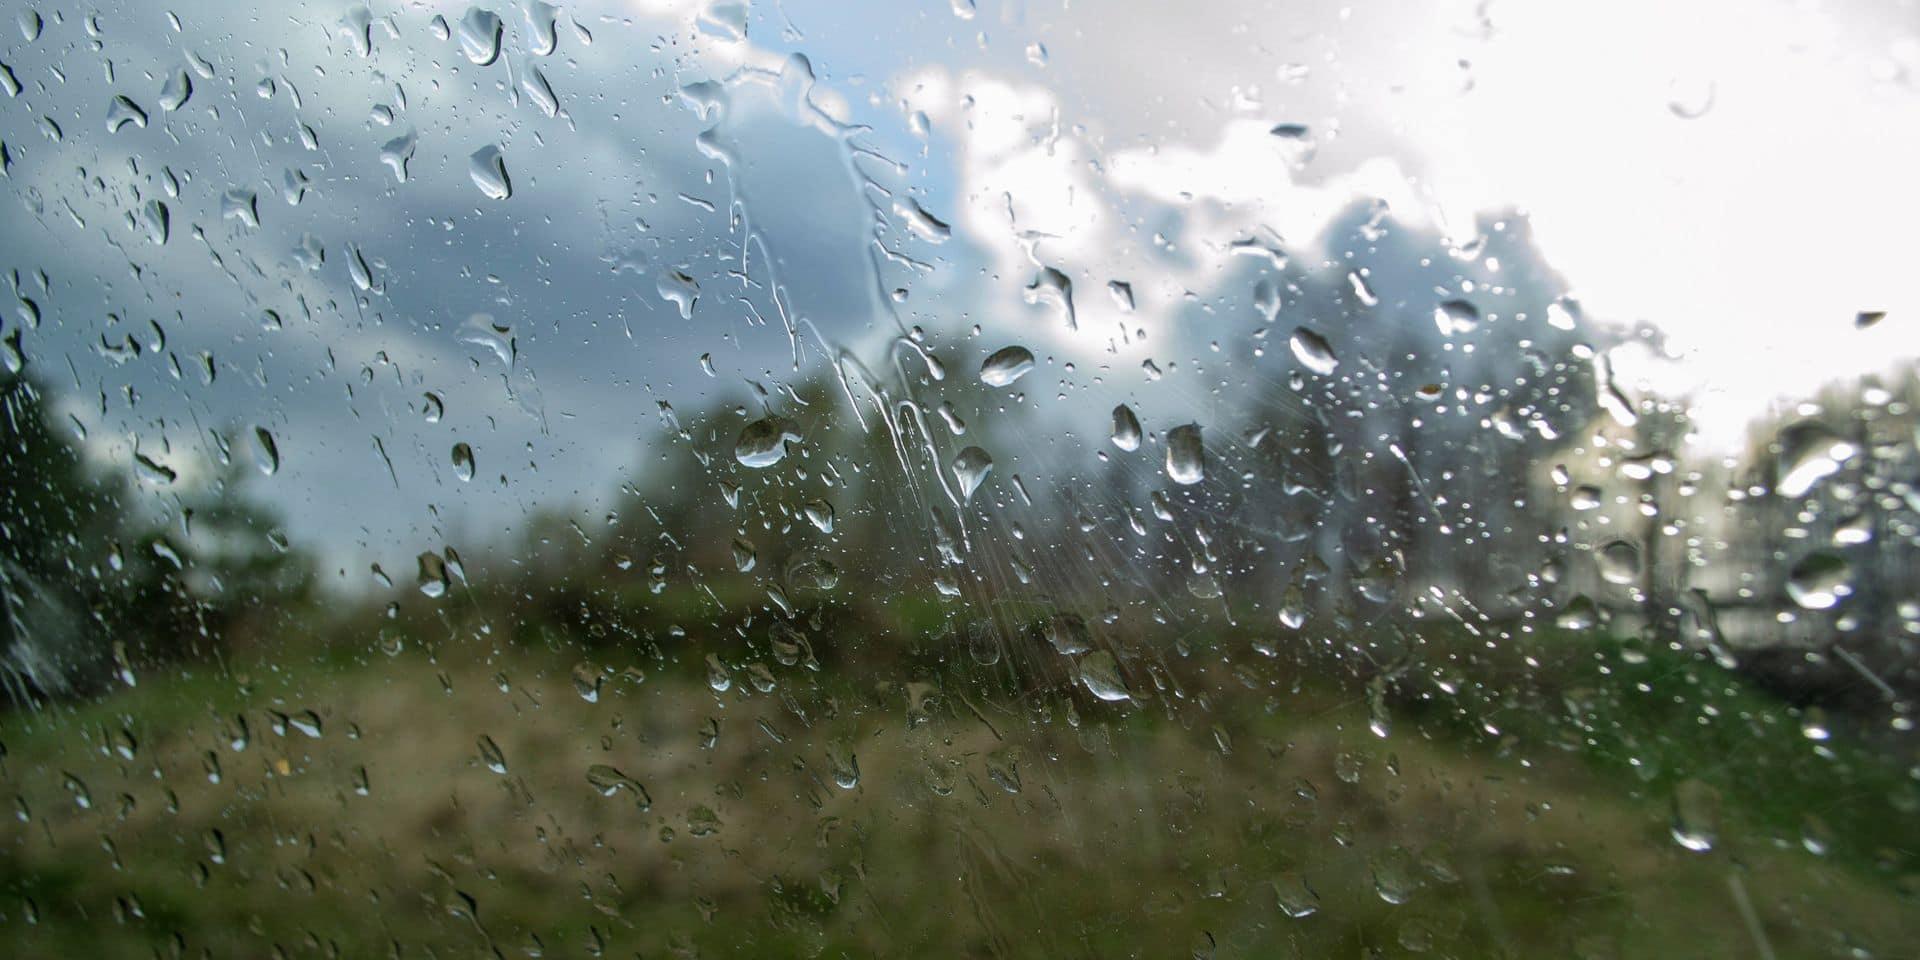 Météo: de la pluie avant le retour d'un temps plus sec